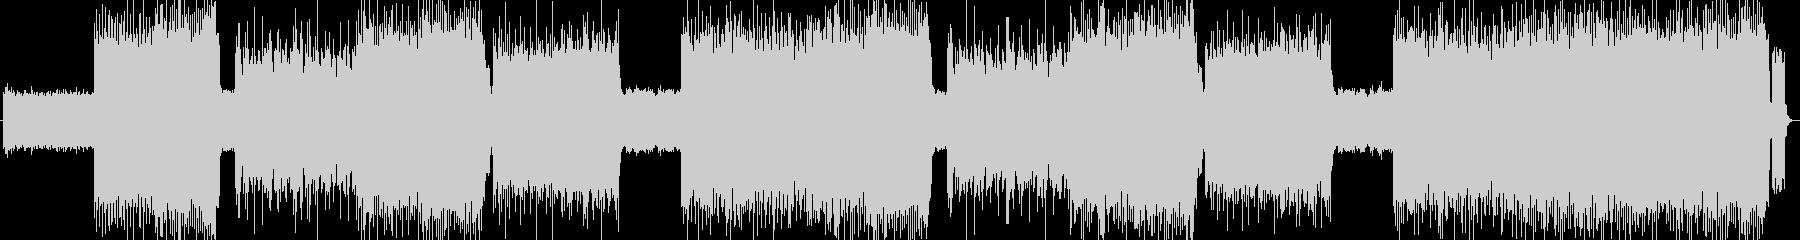 「HEAVY METAL」BGM199の未再生の波形